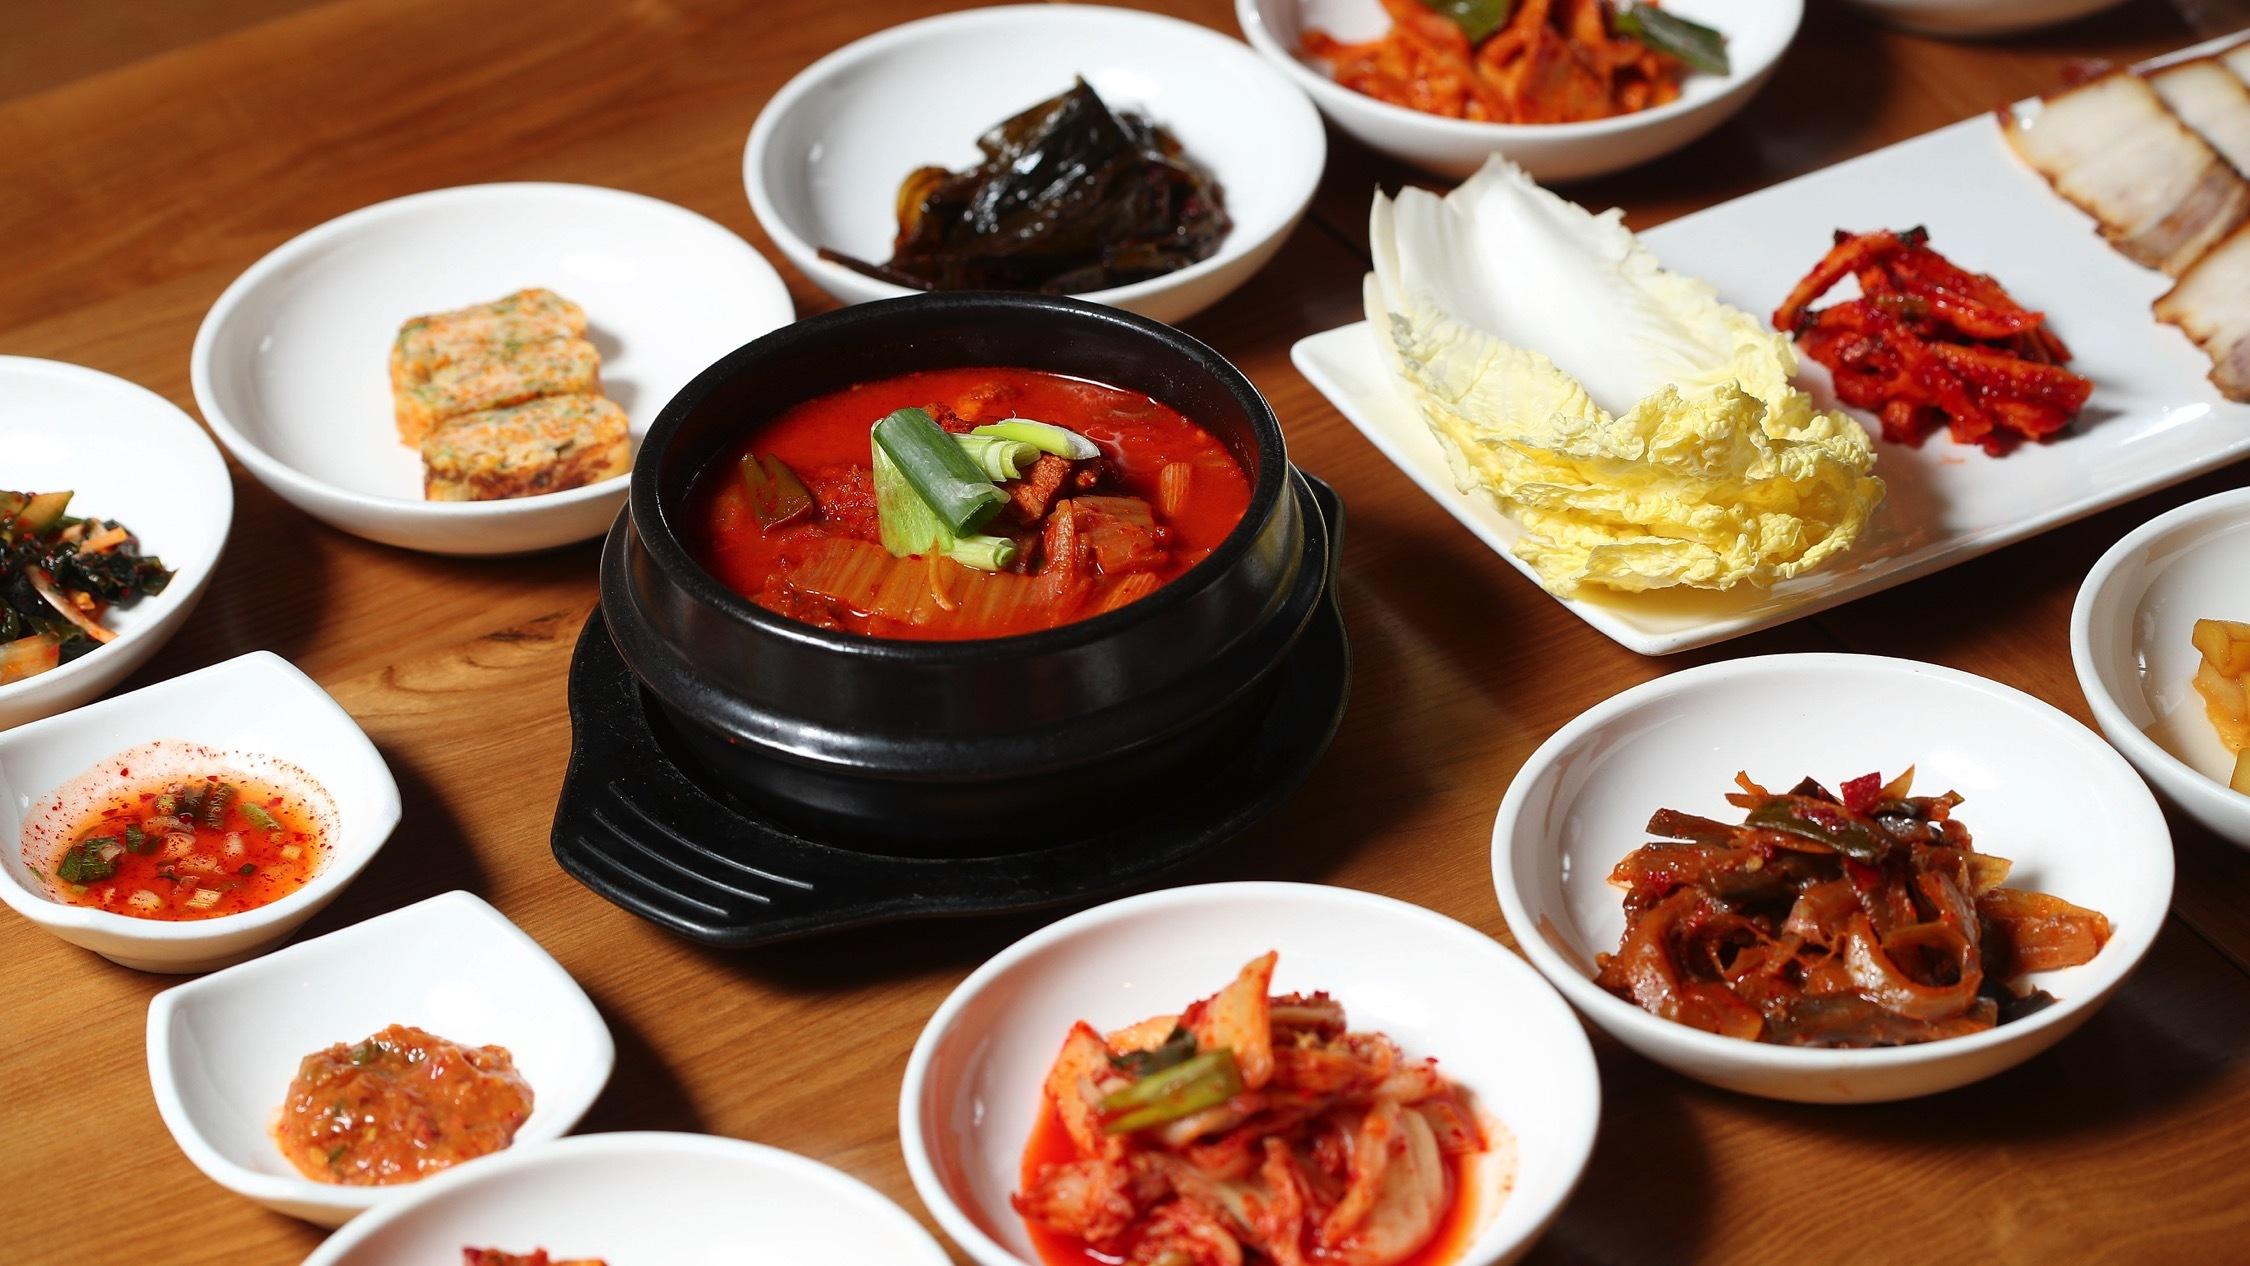 Food at Hansang